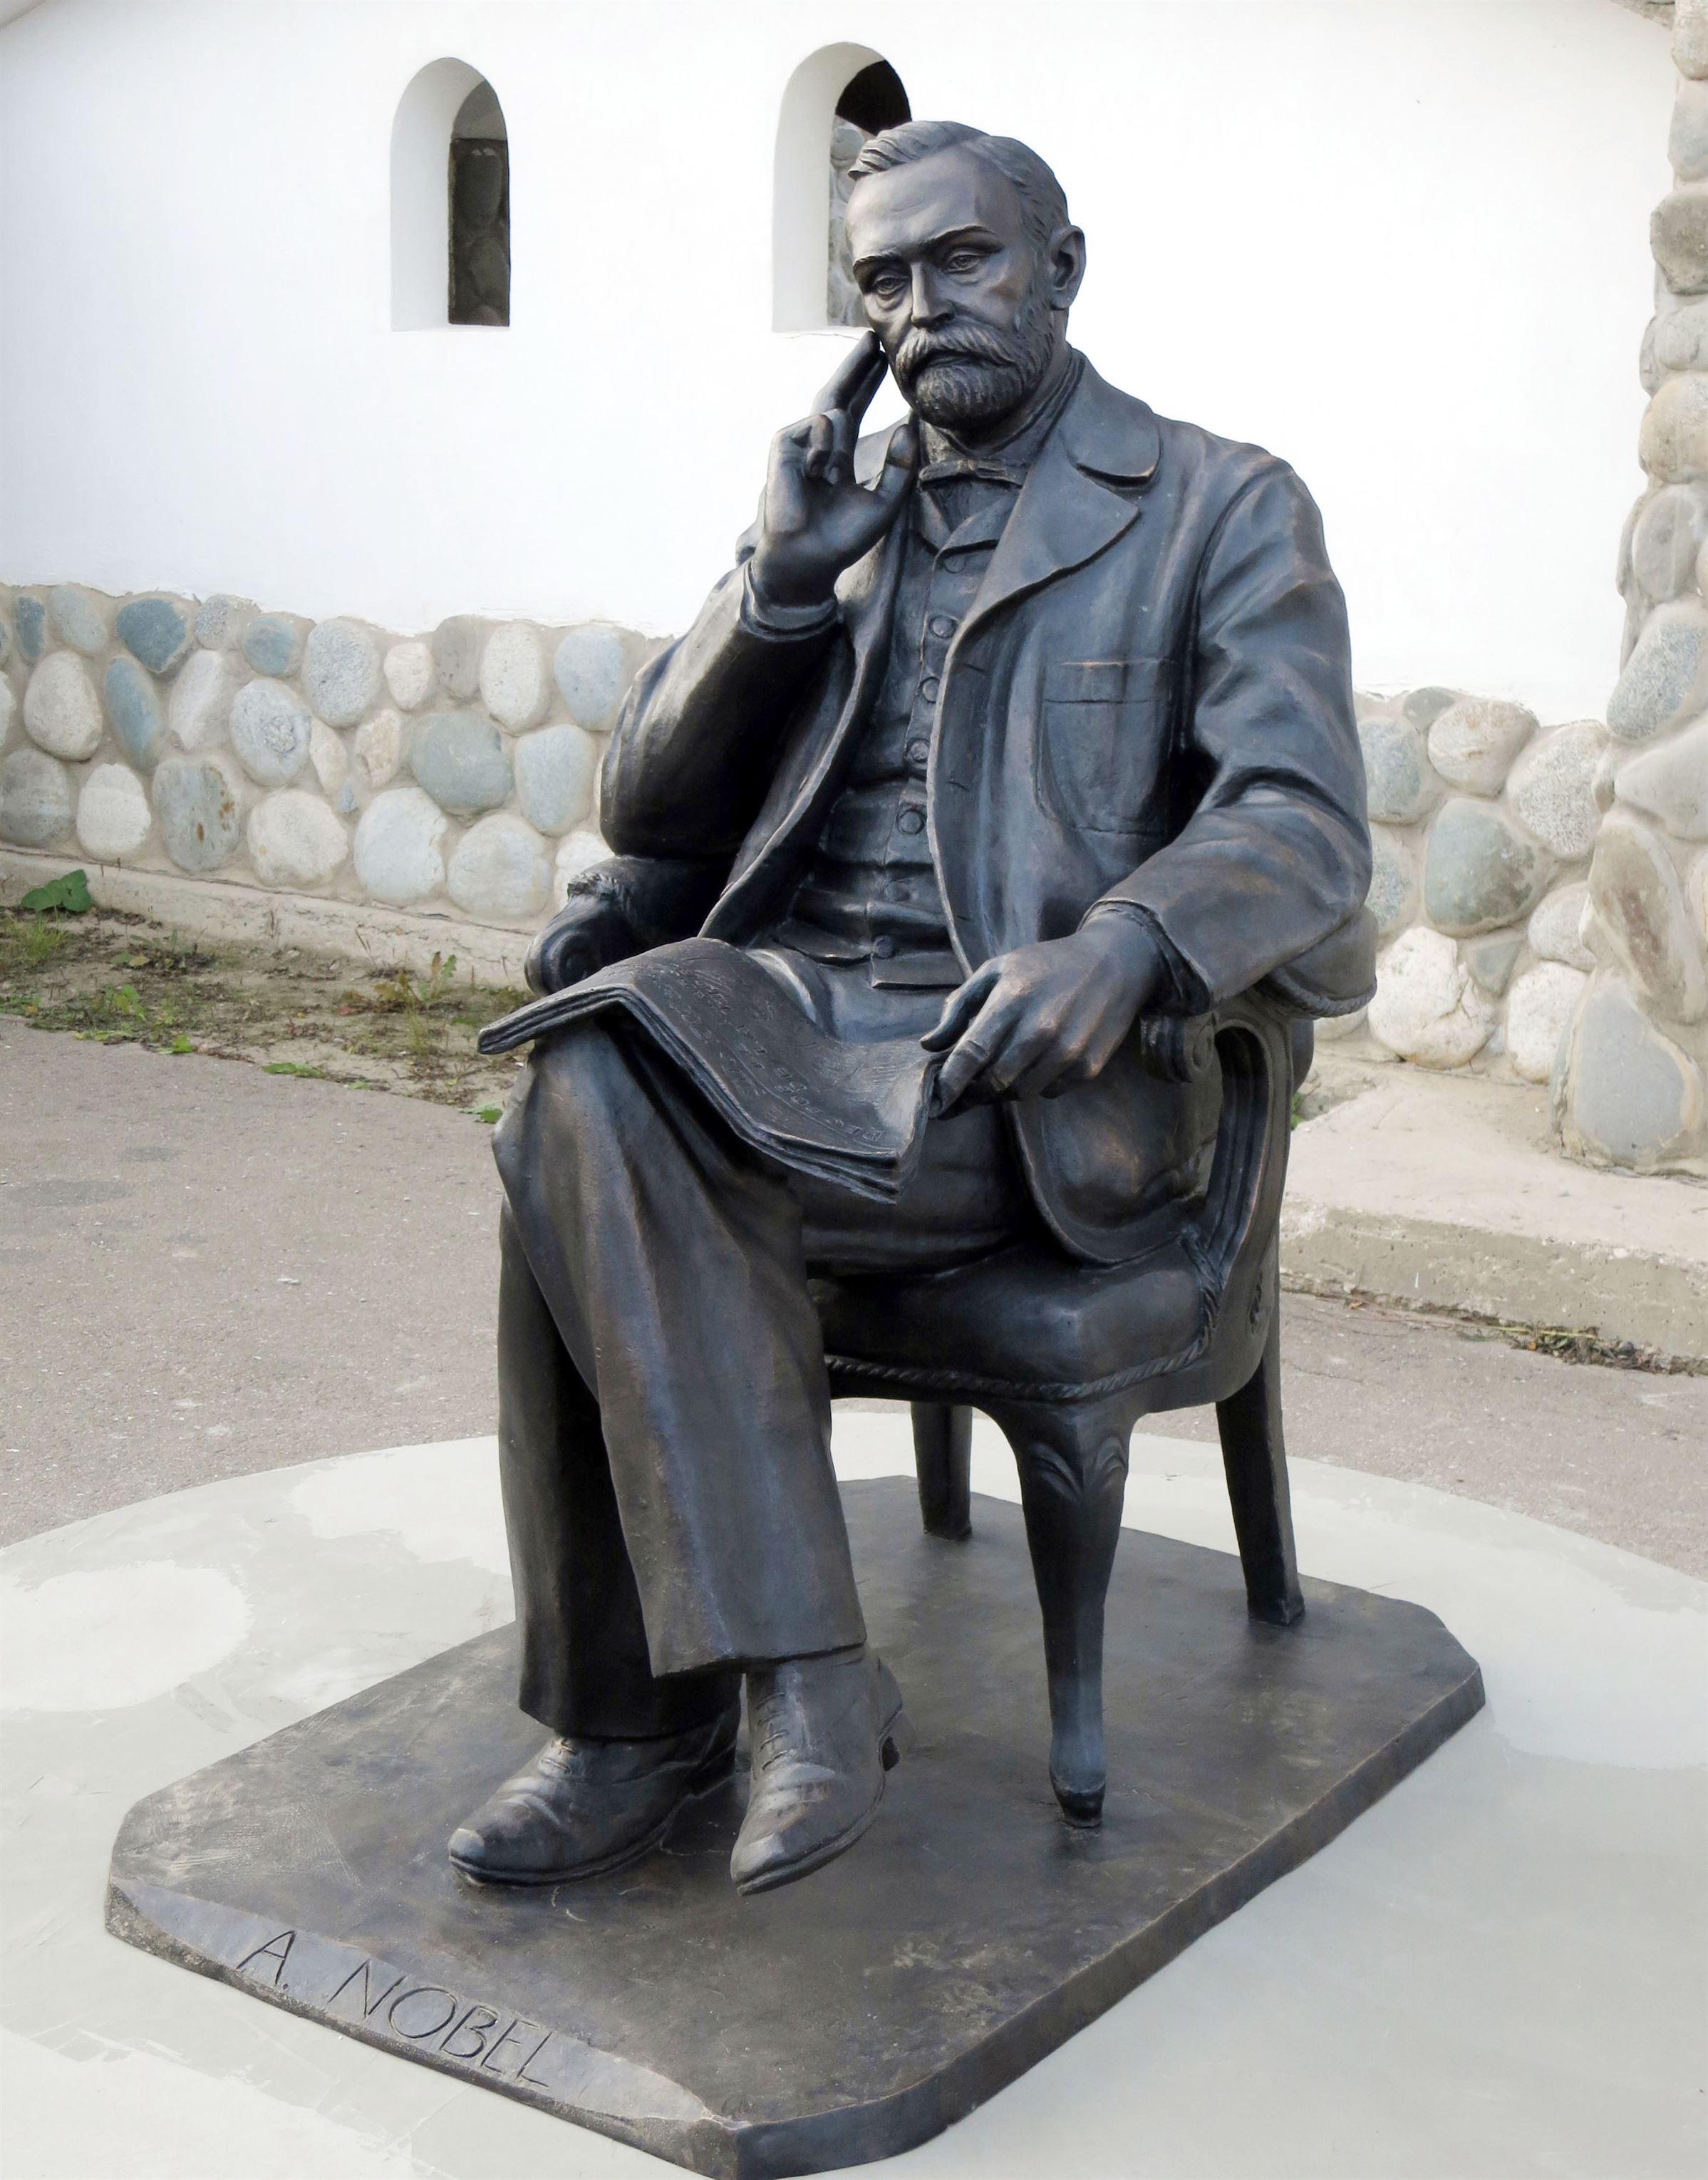 Пам'ятник Альфреду Нобелю на території Культурно-освітнього центру «Етносвіт». - 17 2